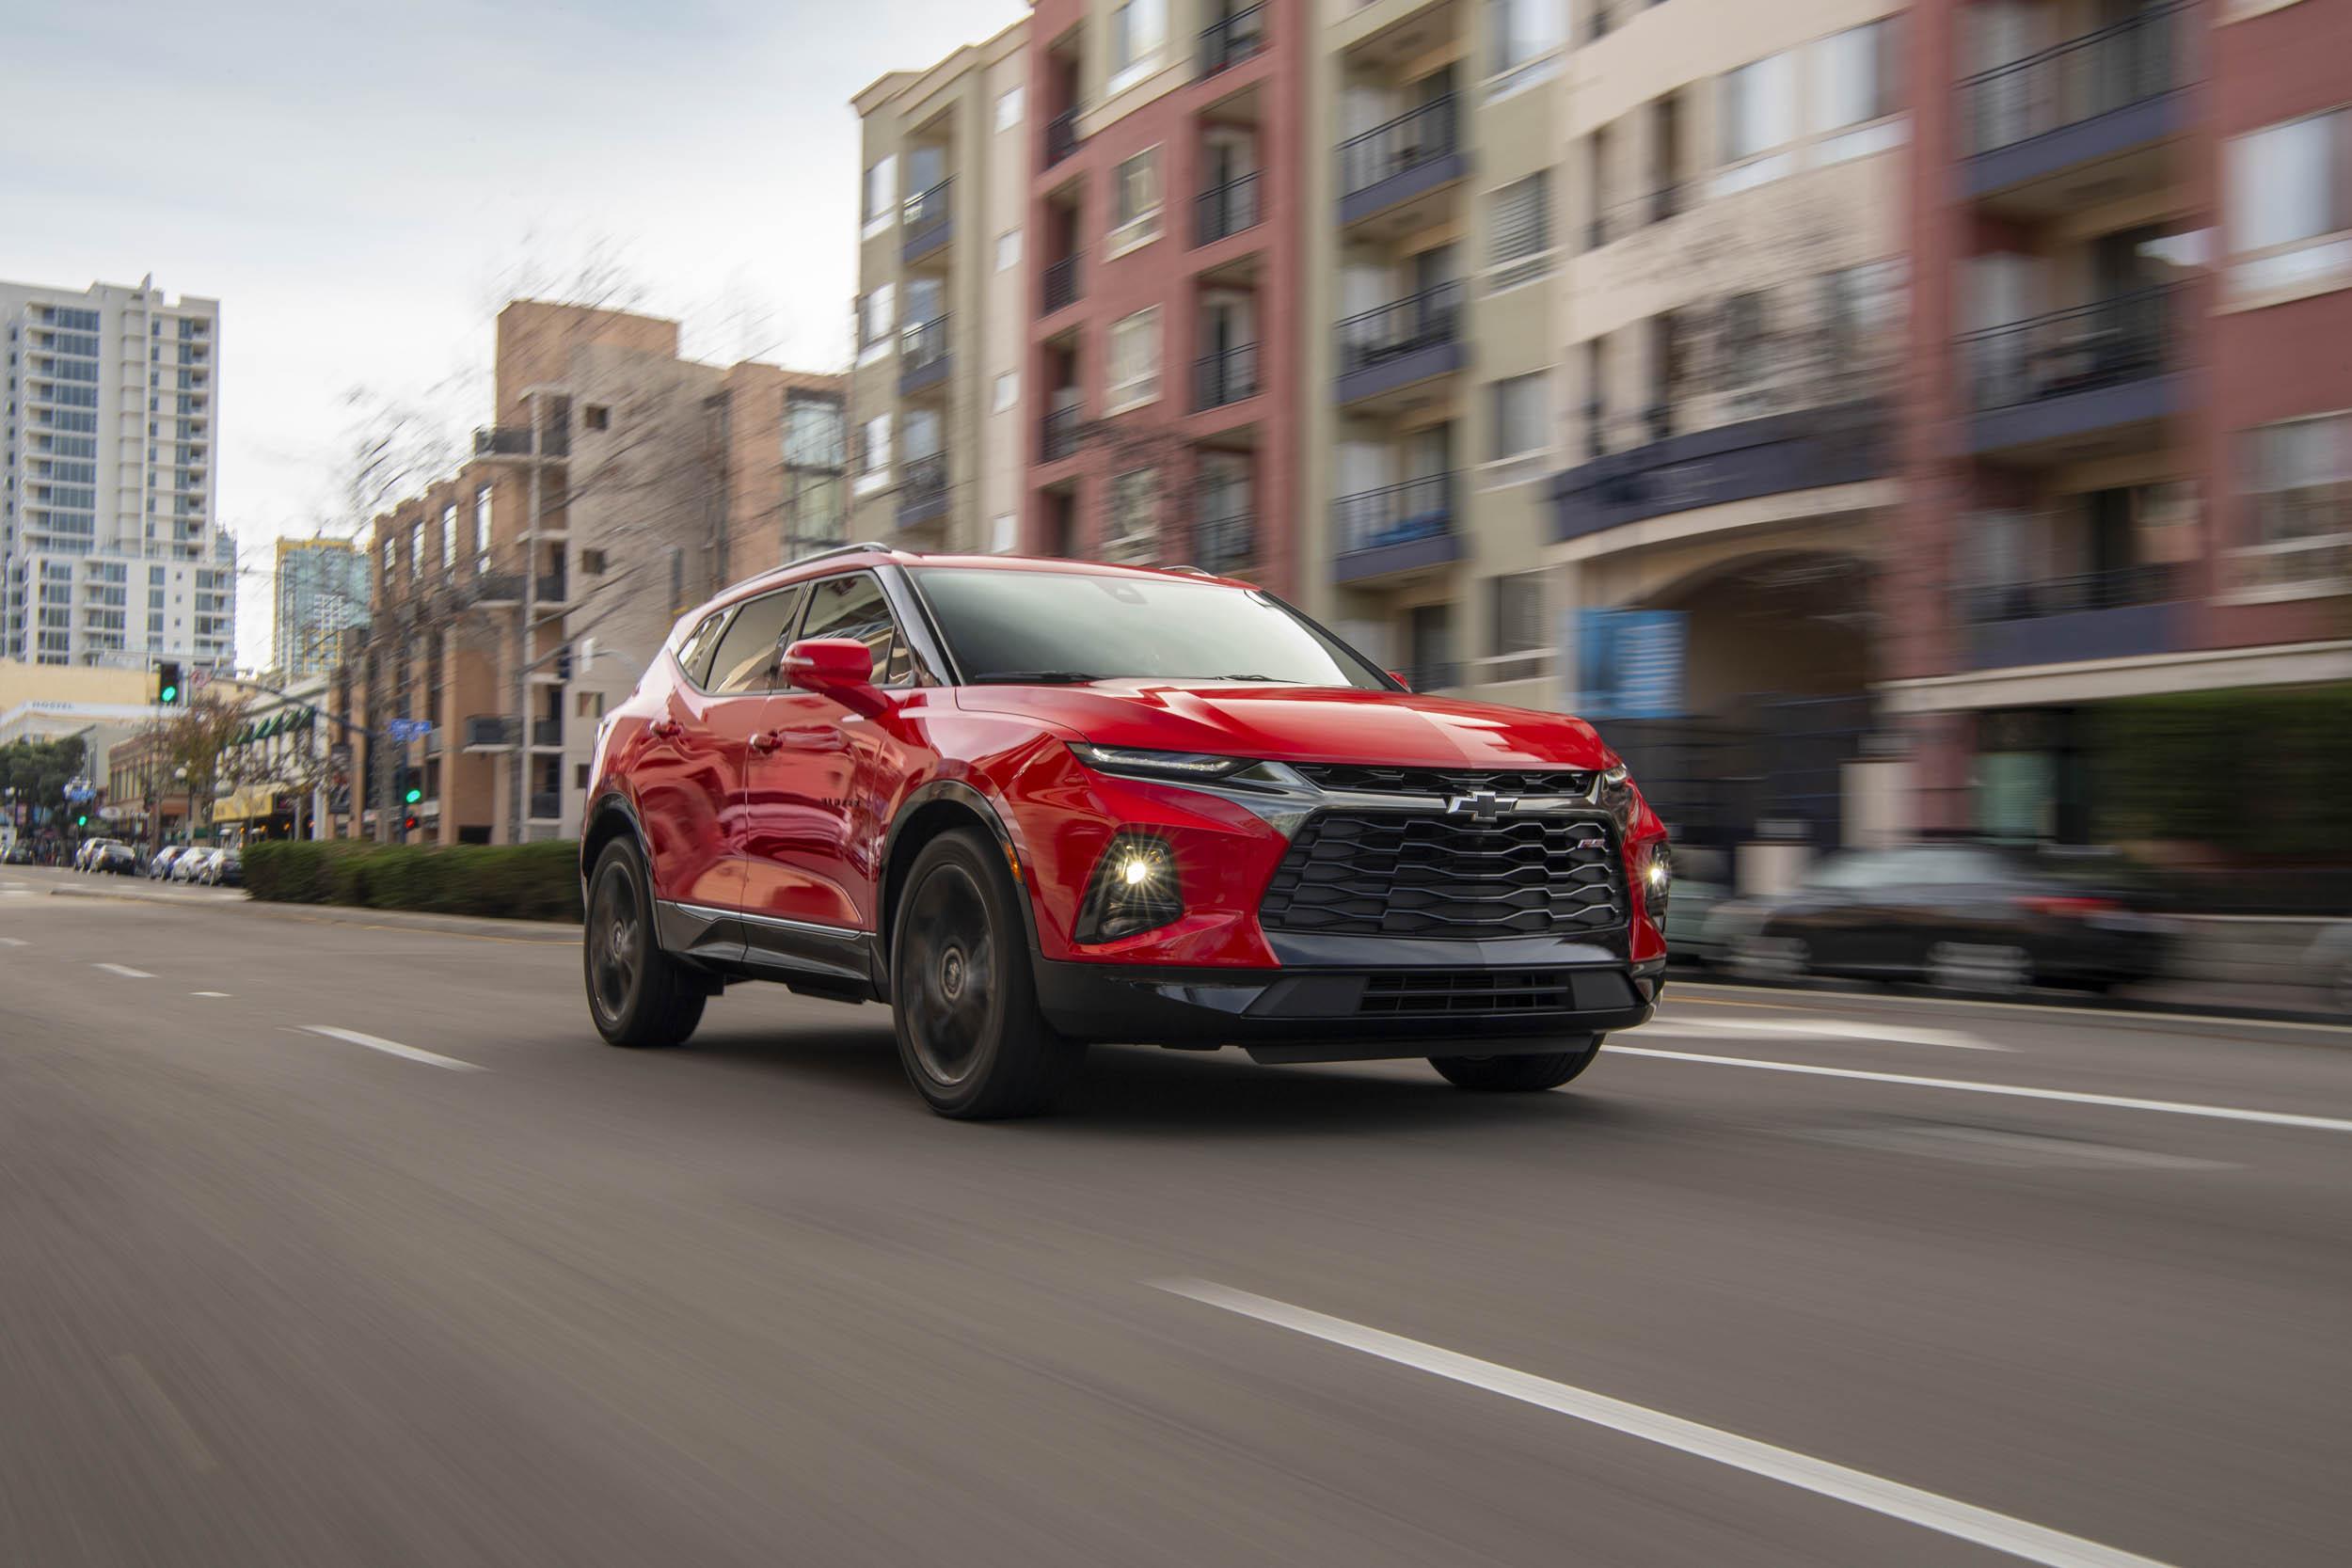 red 2019 Chevrolet Blazer driving